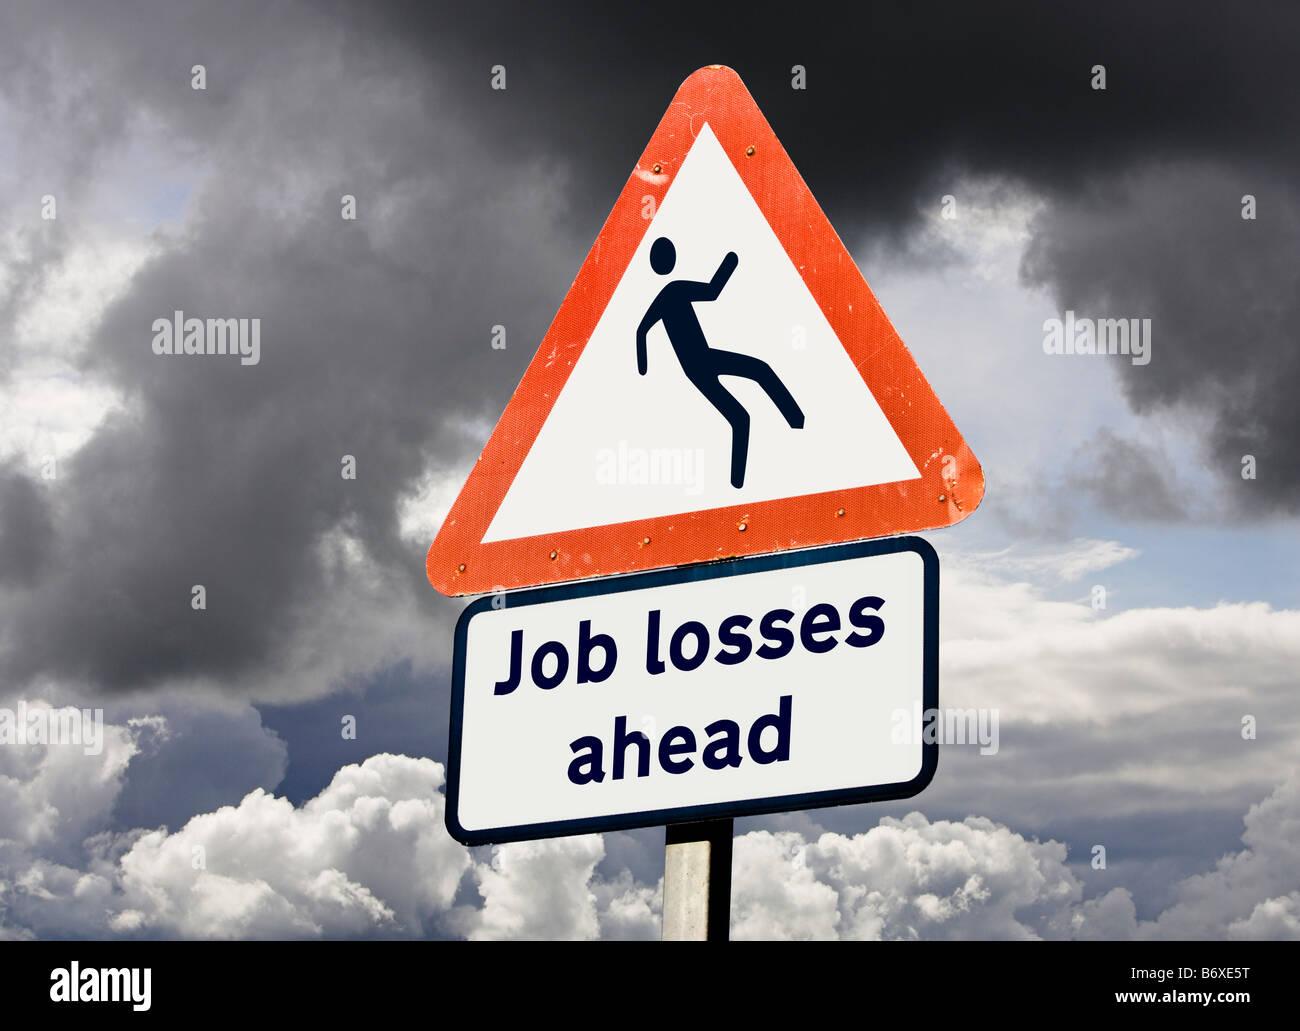 Les pertes d'emploi chômage concept UK Photo Stock